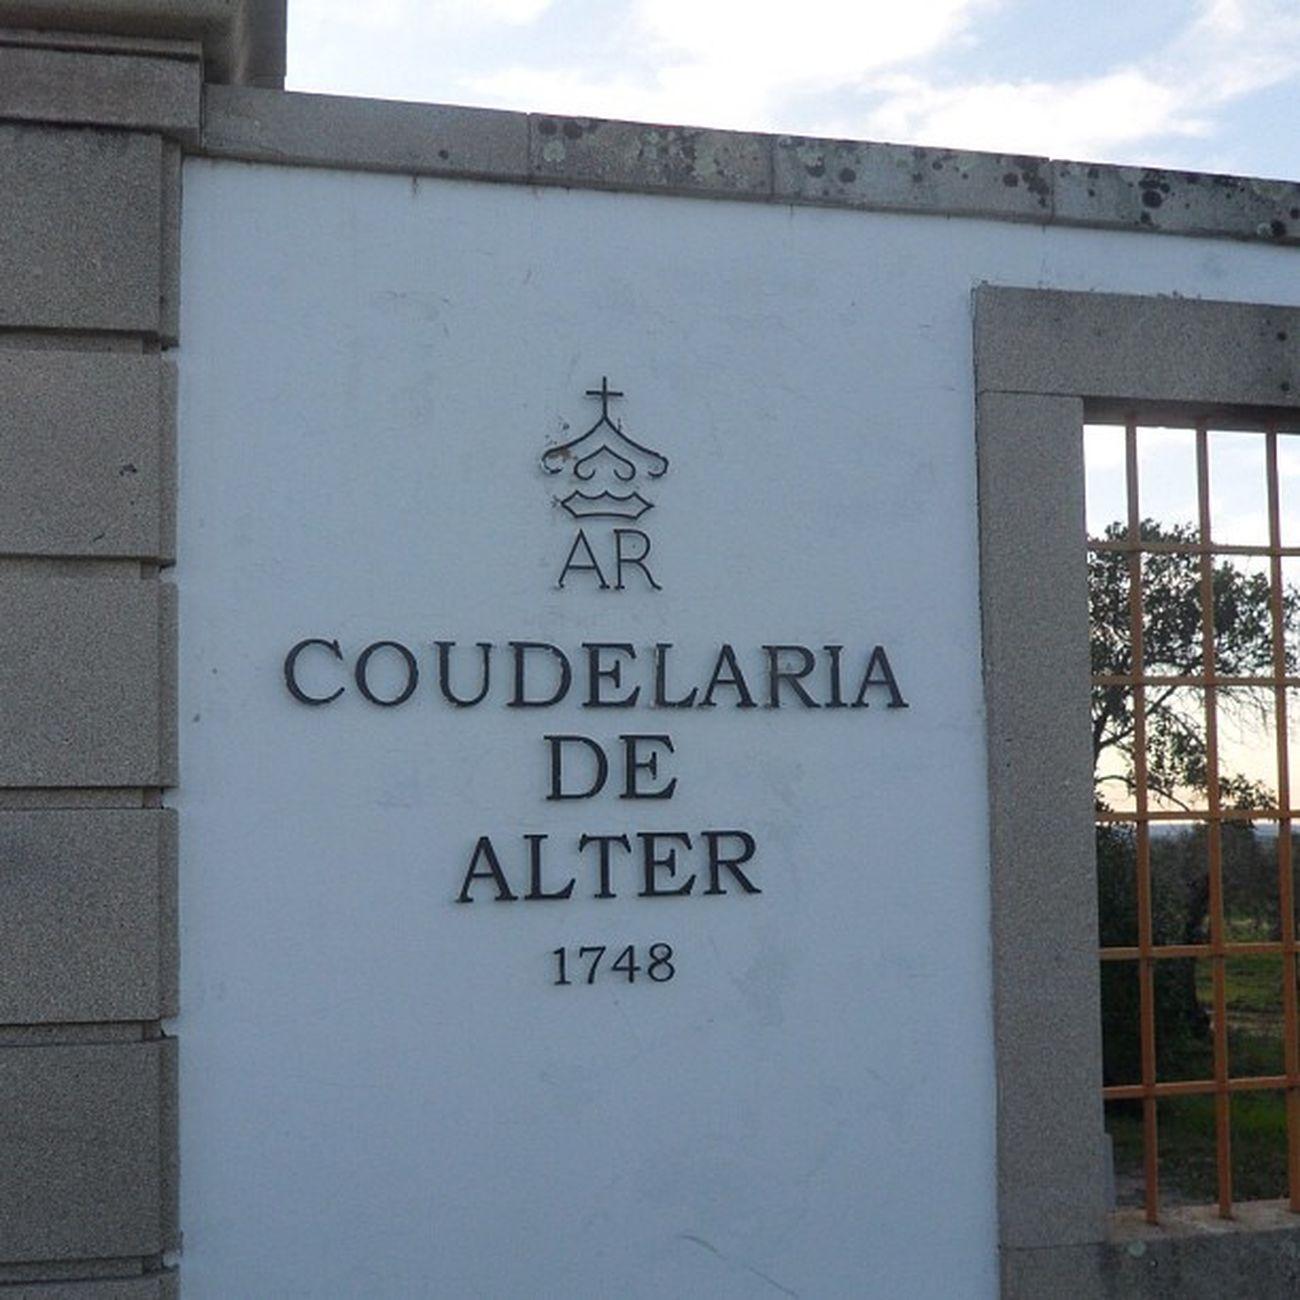 Coudelaria Real Igers Alentejo Igersportugal Alterreal Alterdochao Coudelariadealter